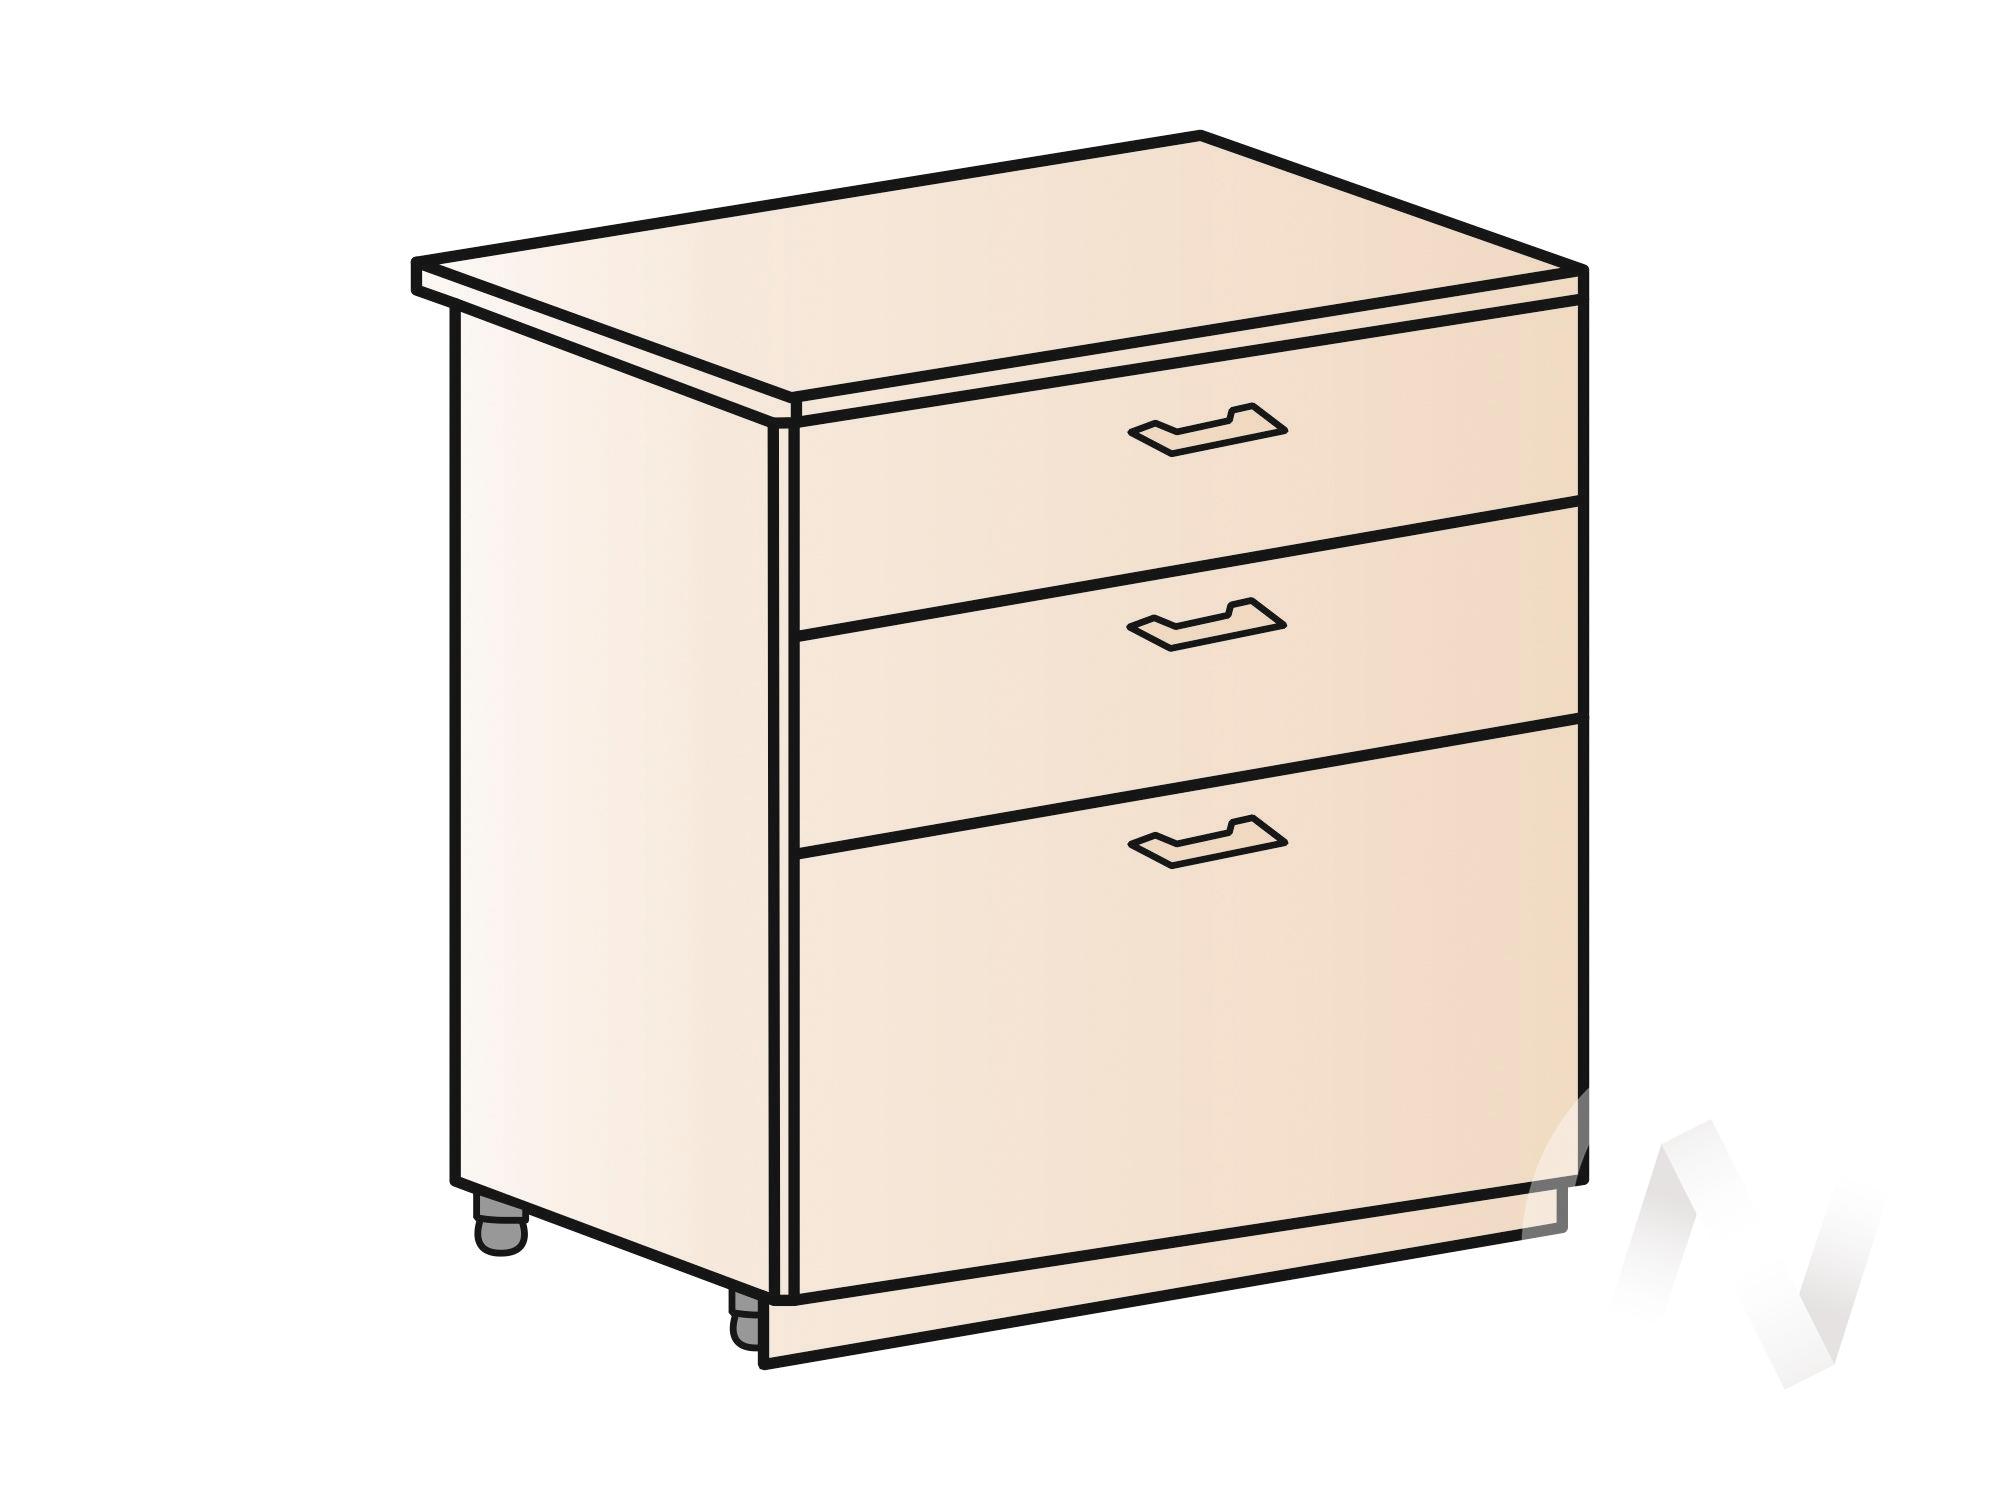 """Кухня """"Вена"""": Шкаф нижний с 3-мя ящиками 800, ШН3Я 800 (корпус белый) в Новосибирске в интернет-магазине мебели kuhnya54.ru"""